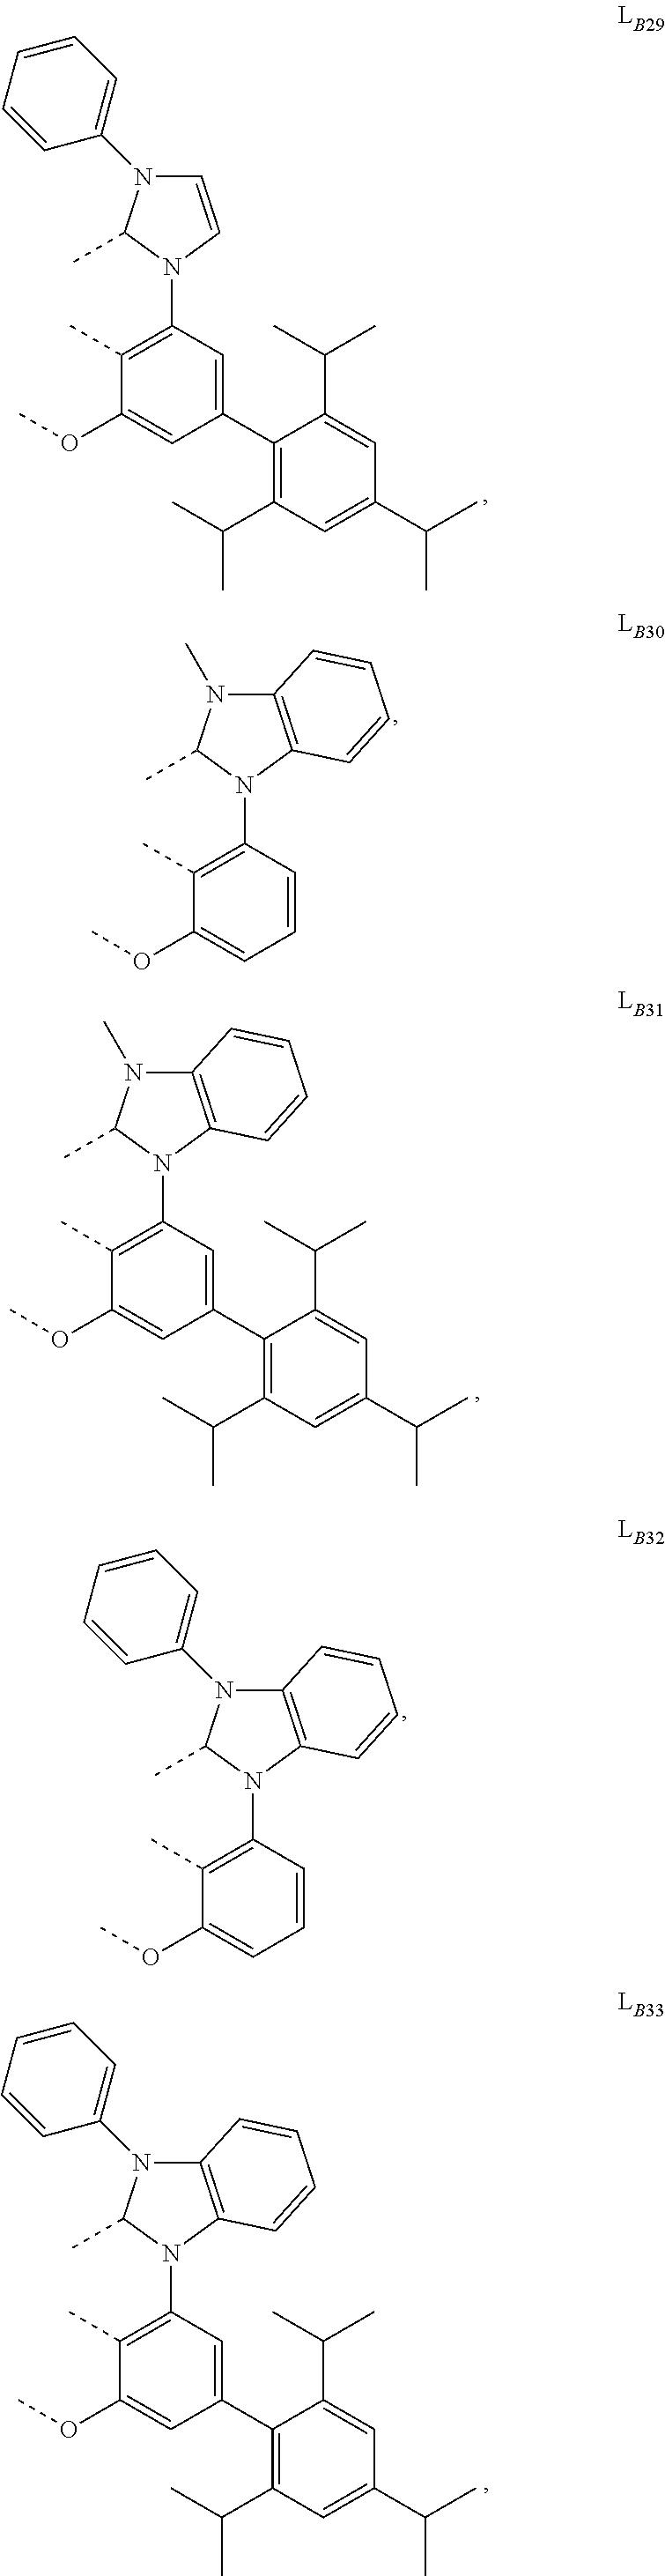 Figure US10301338-20190528-C00028